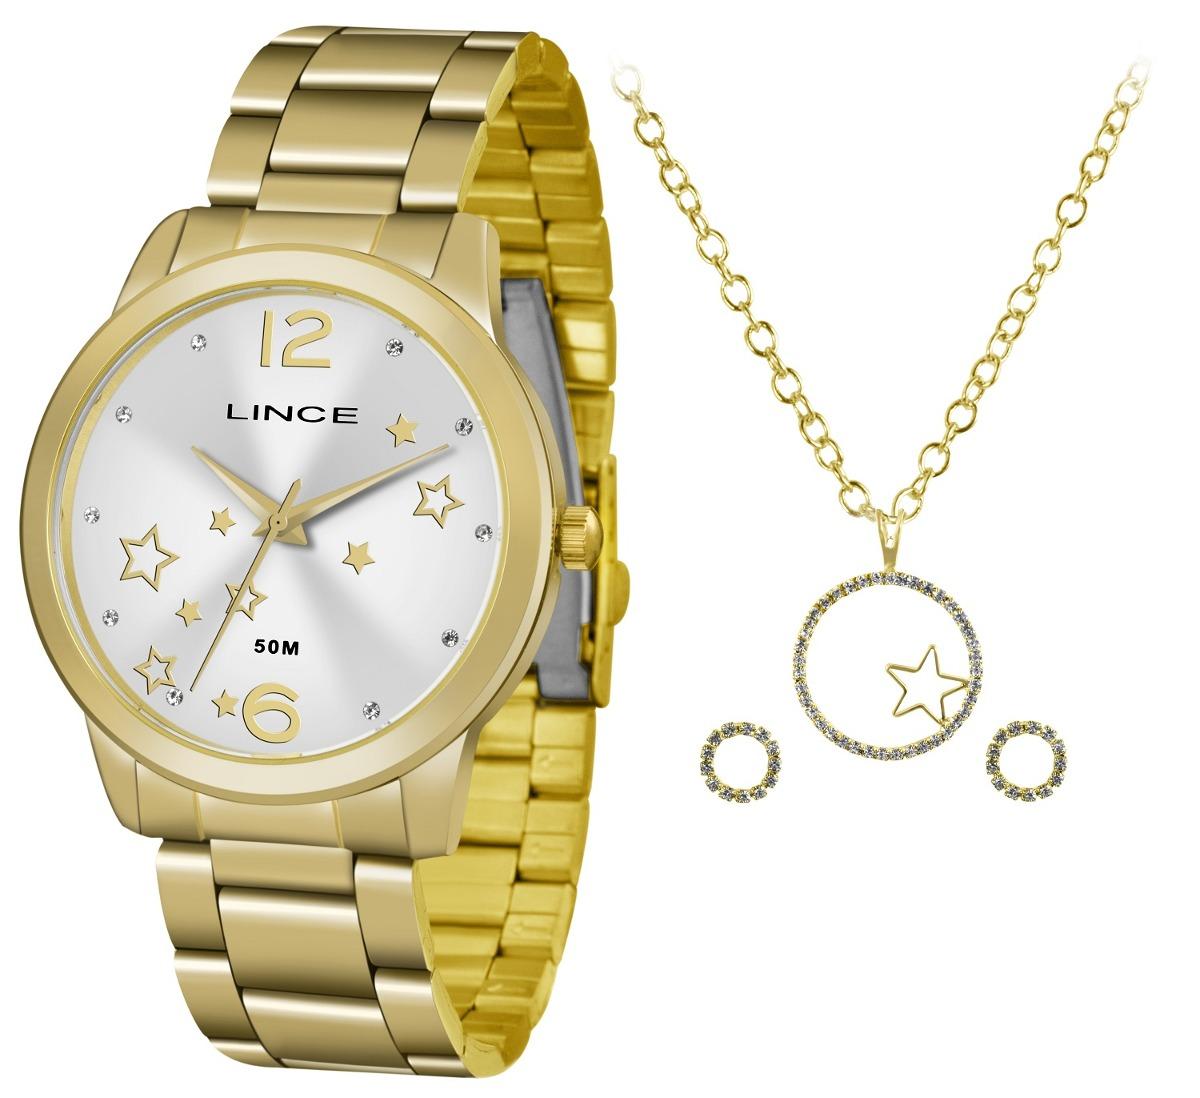 dadef93c06c Kit Relógio Lince Feminino Lrgh092lkv70 + Colar E Brincos - R  204 ...